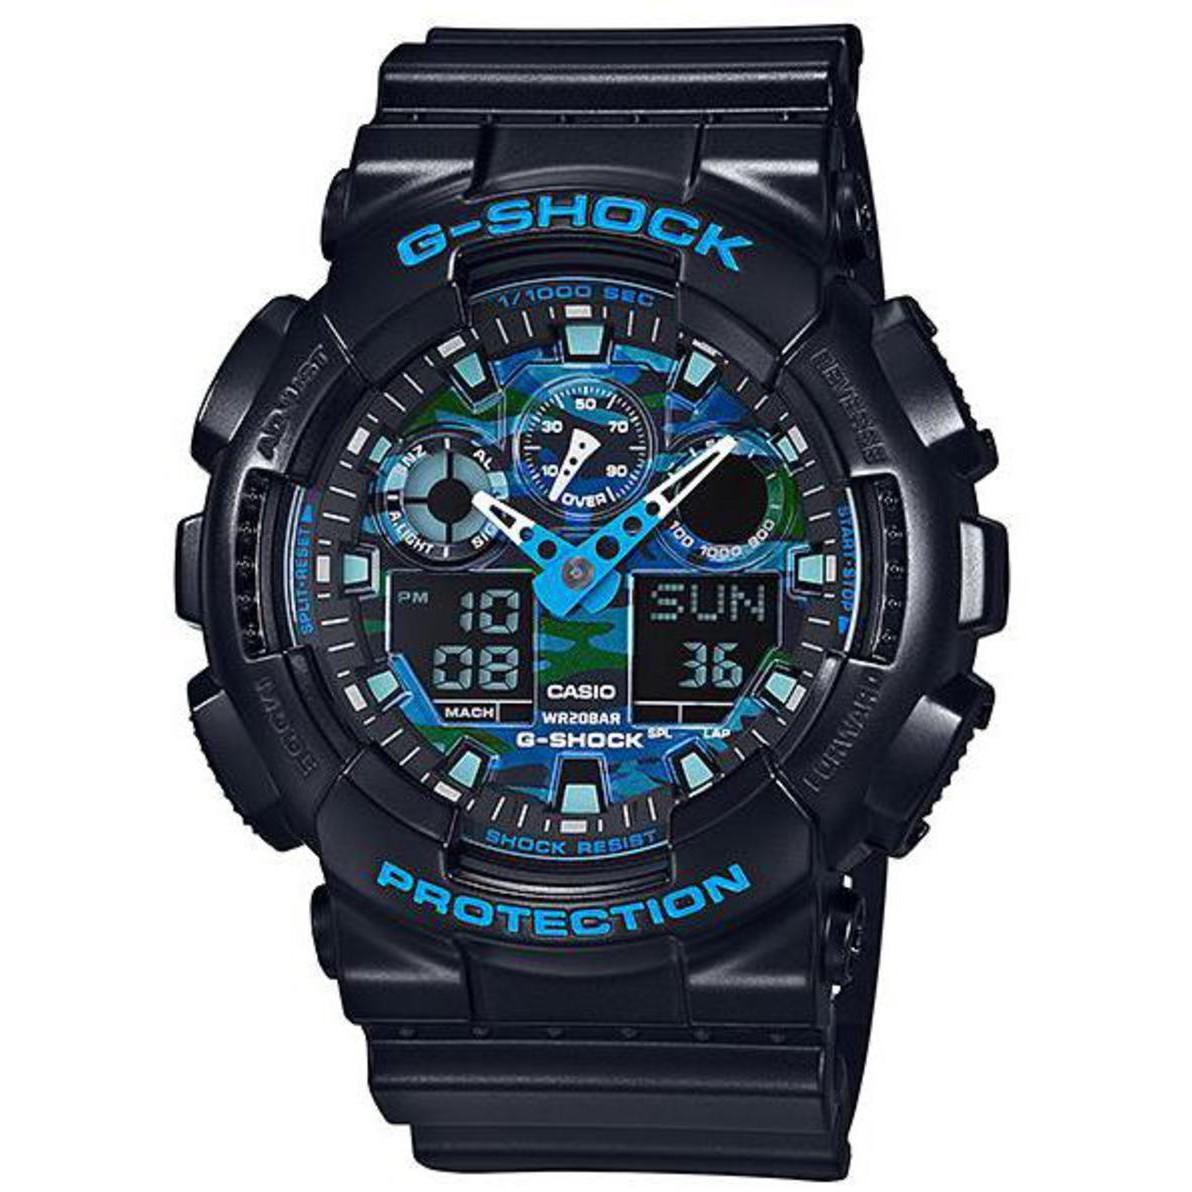 Ceas barbatesc Casio G-Shock GA-100CB-1AER original de mana